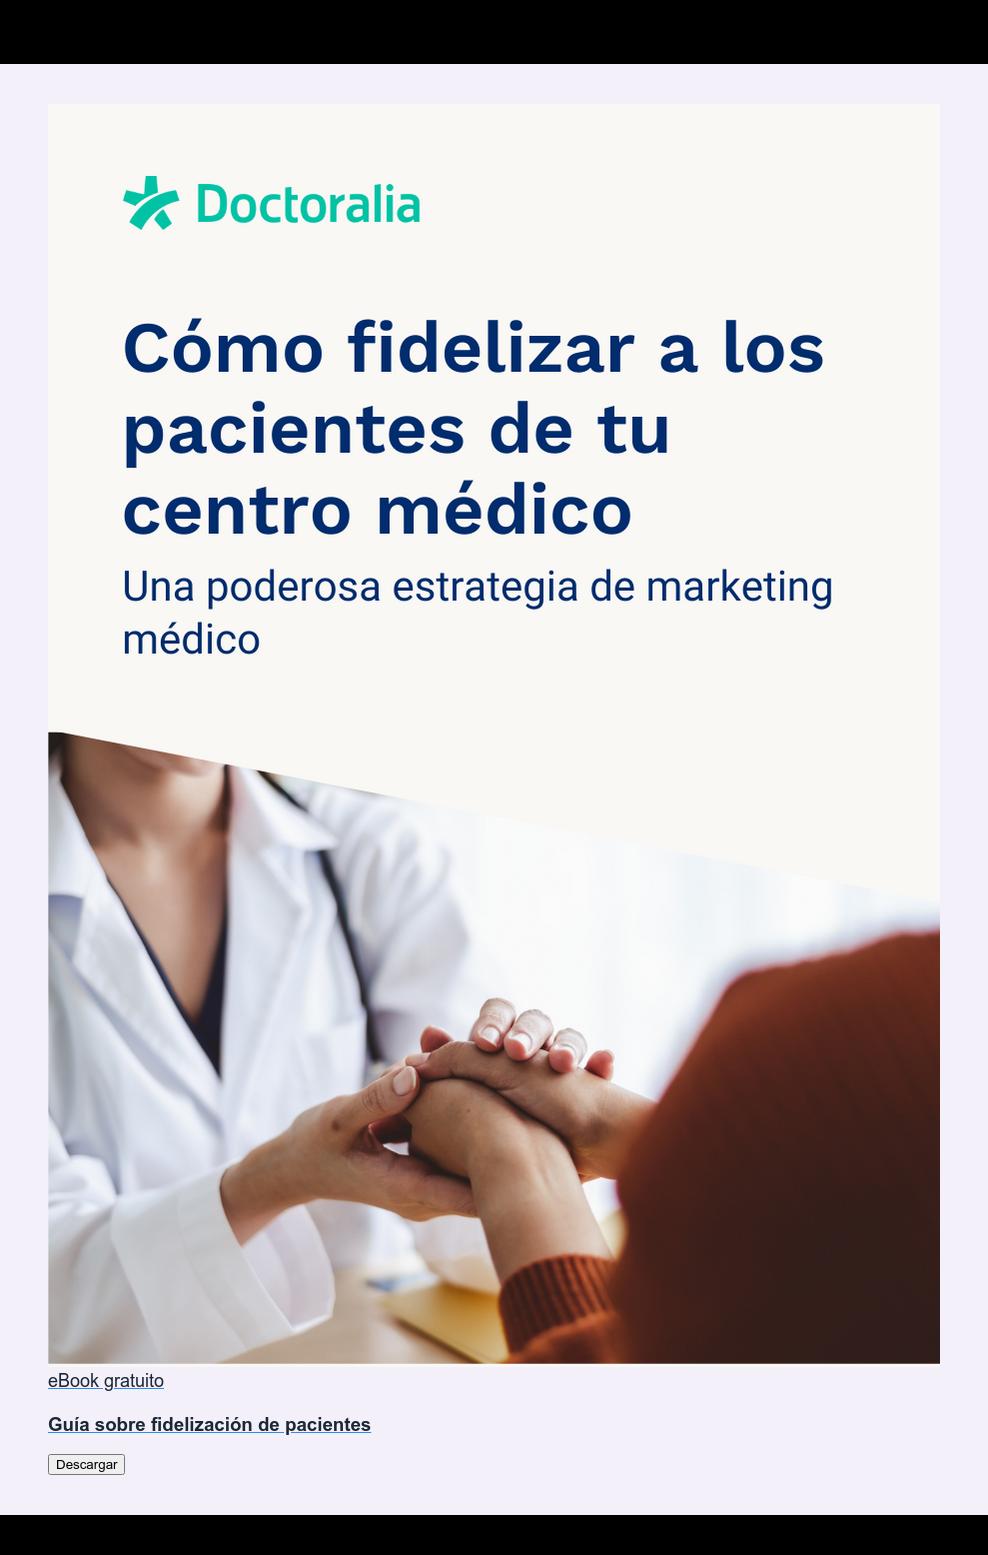 eBook gratuito  Guía sobre fidelización de pacientes Descargar